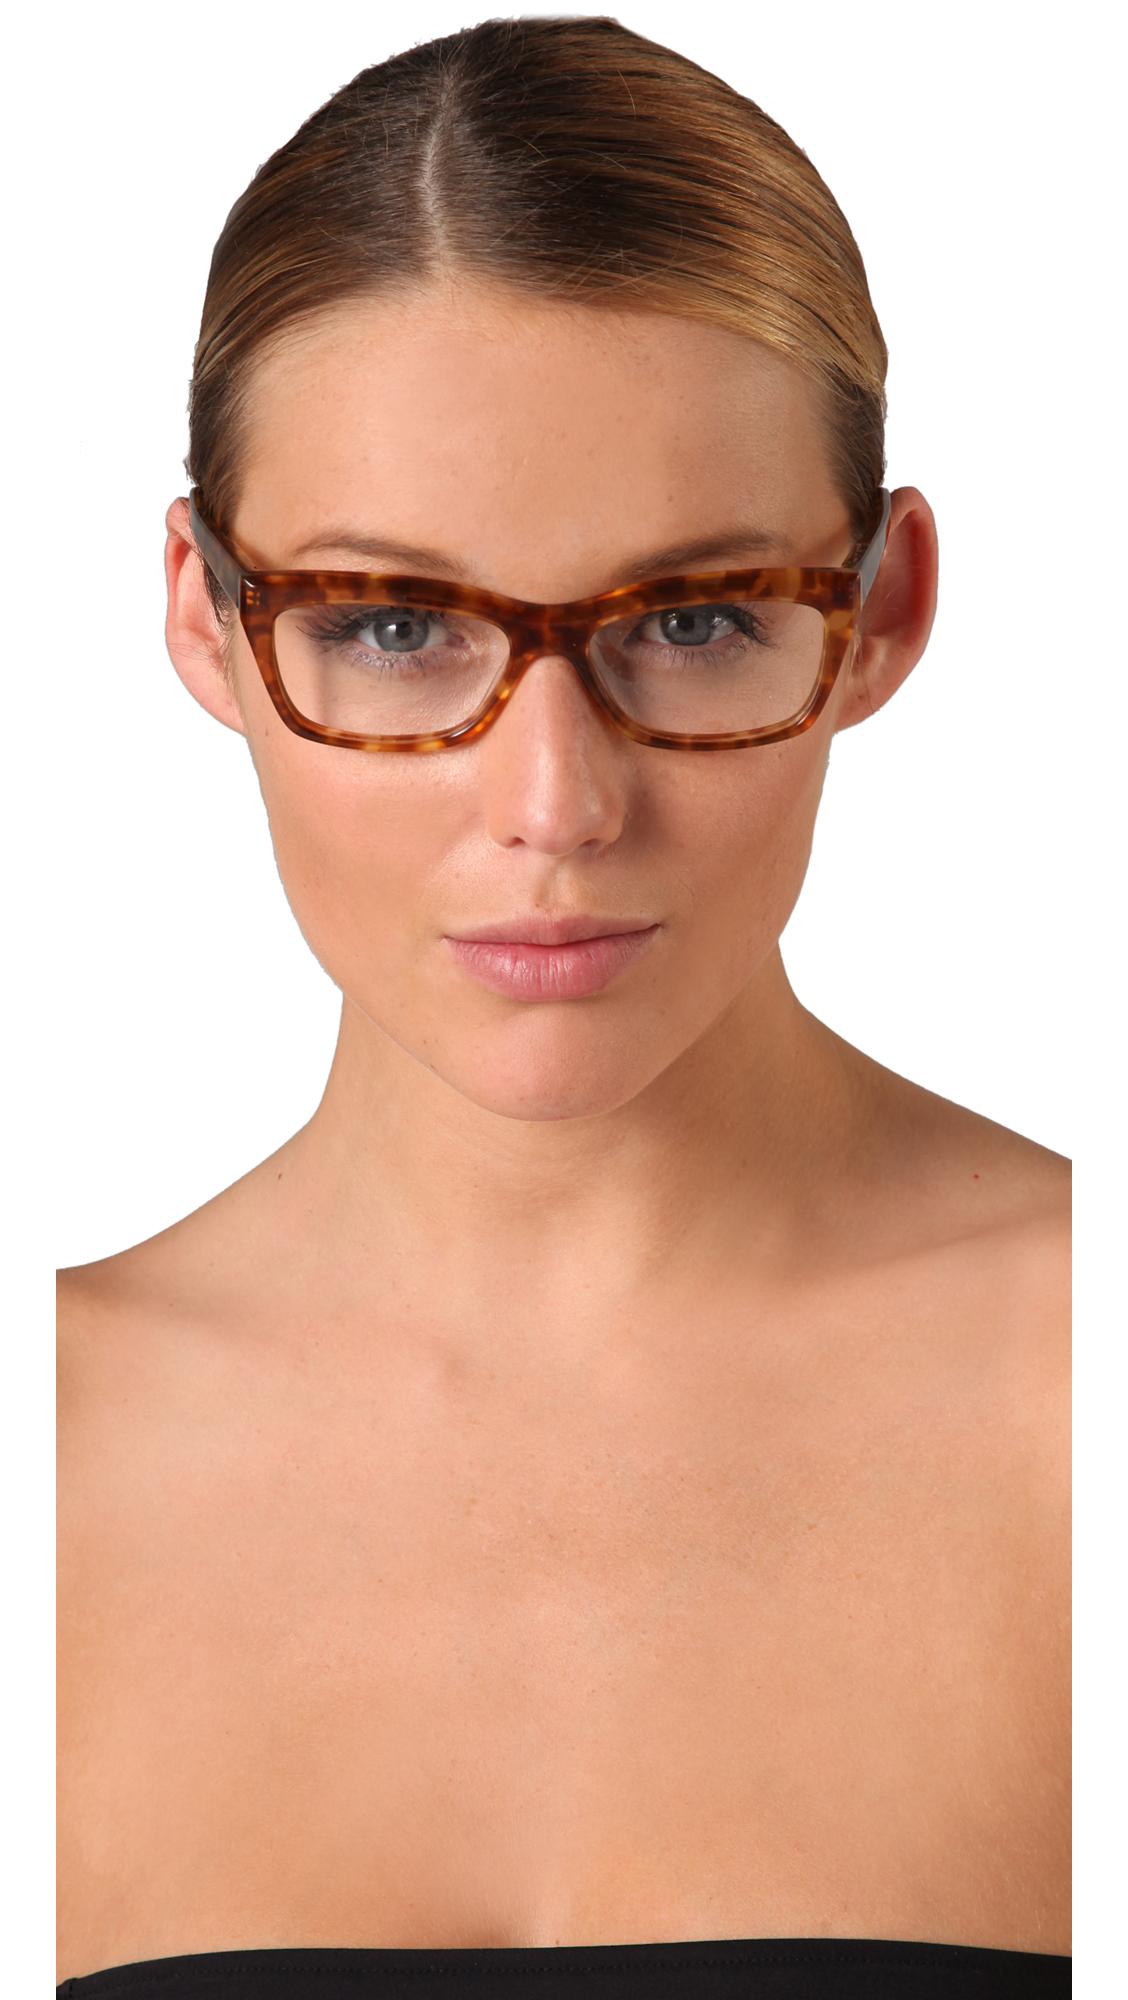 59d8219fddaa9 Elizabeth and James Delancey Glasses